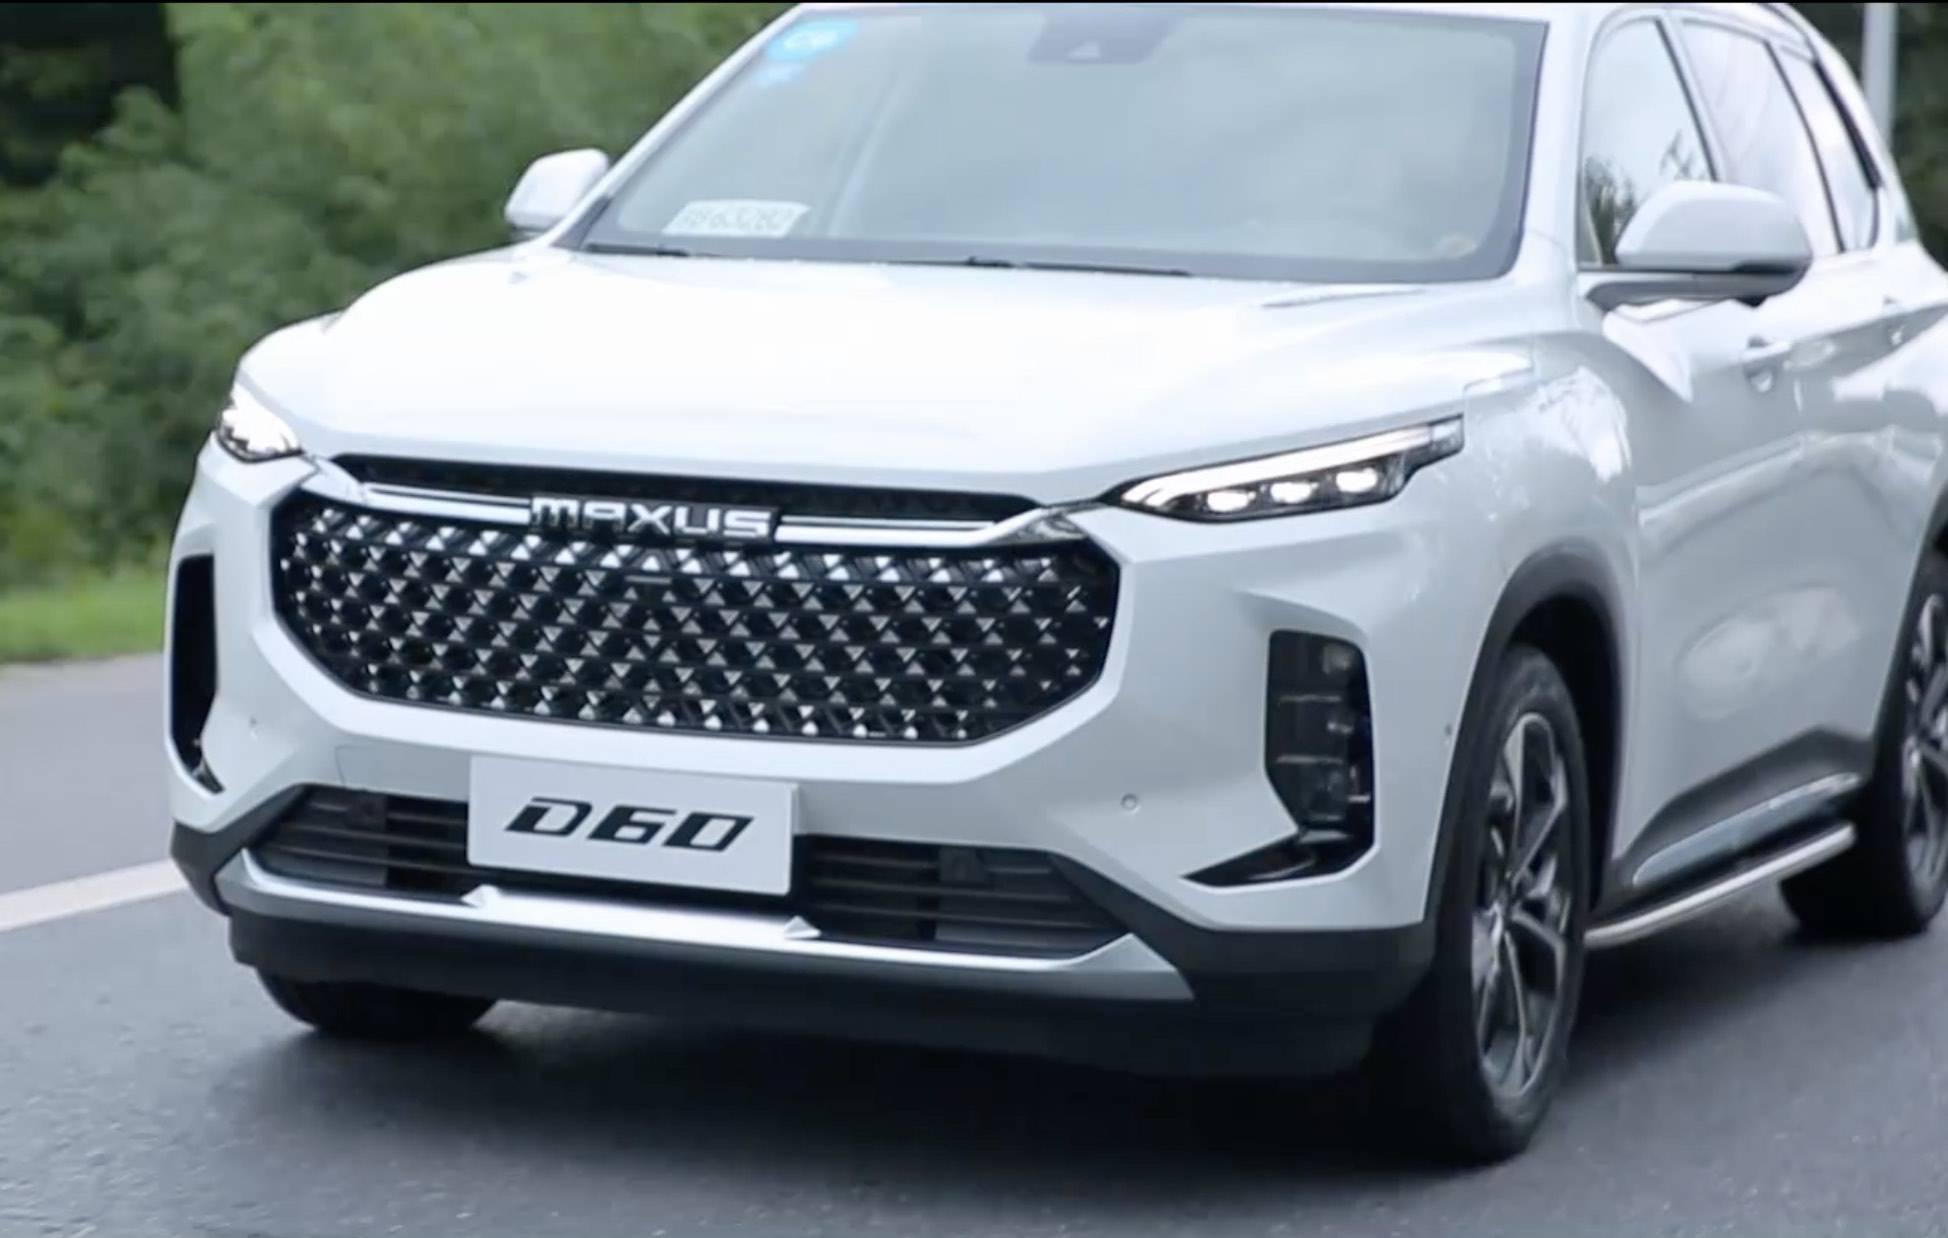 上汽大通全新中型SUV D60试驾评测